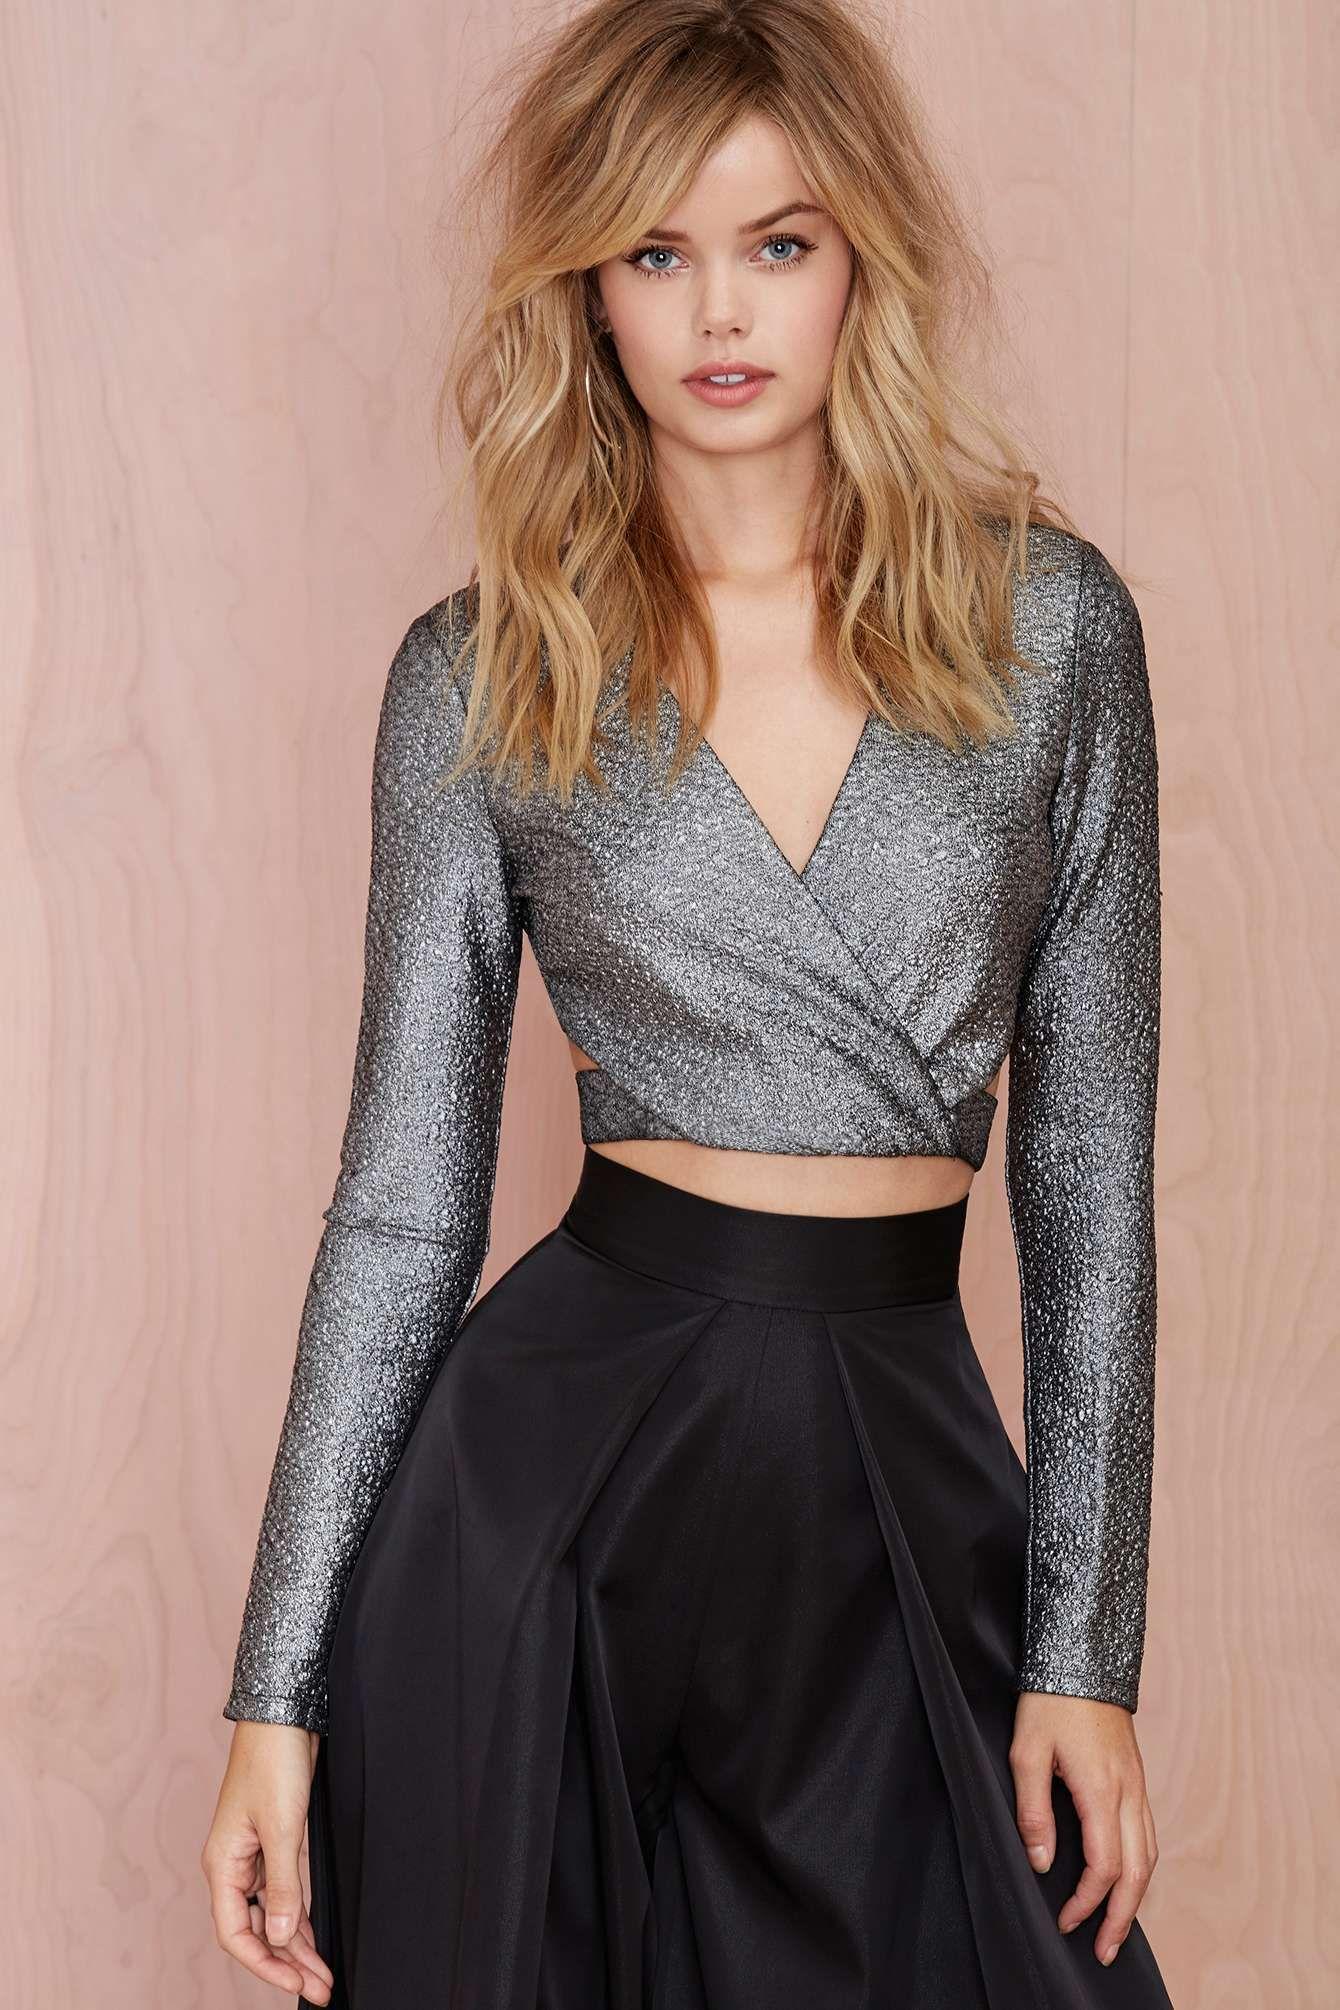 Inferno lurex crop top fashion style trend lookbook